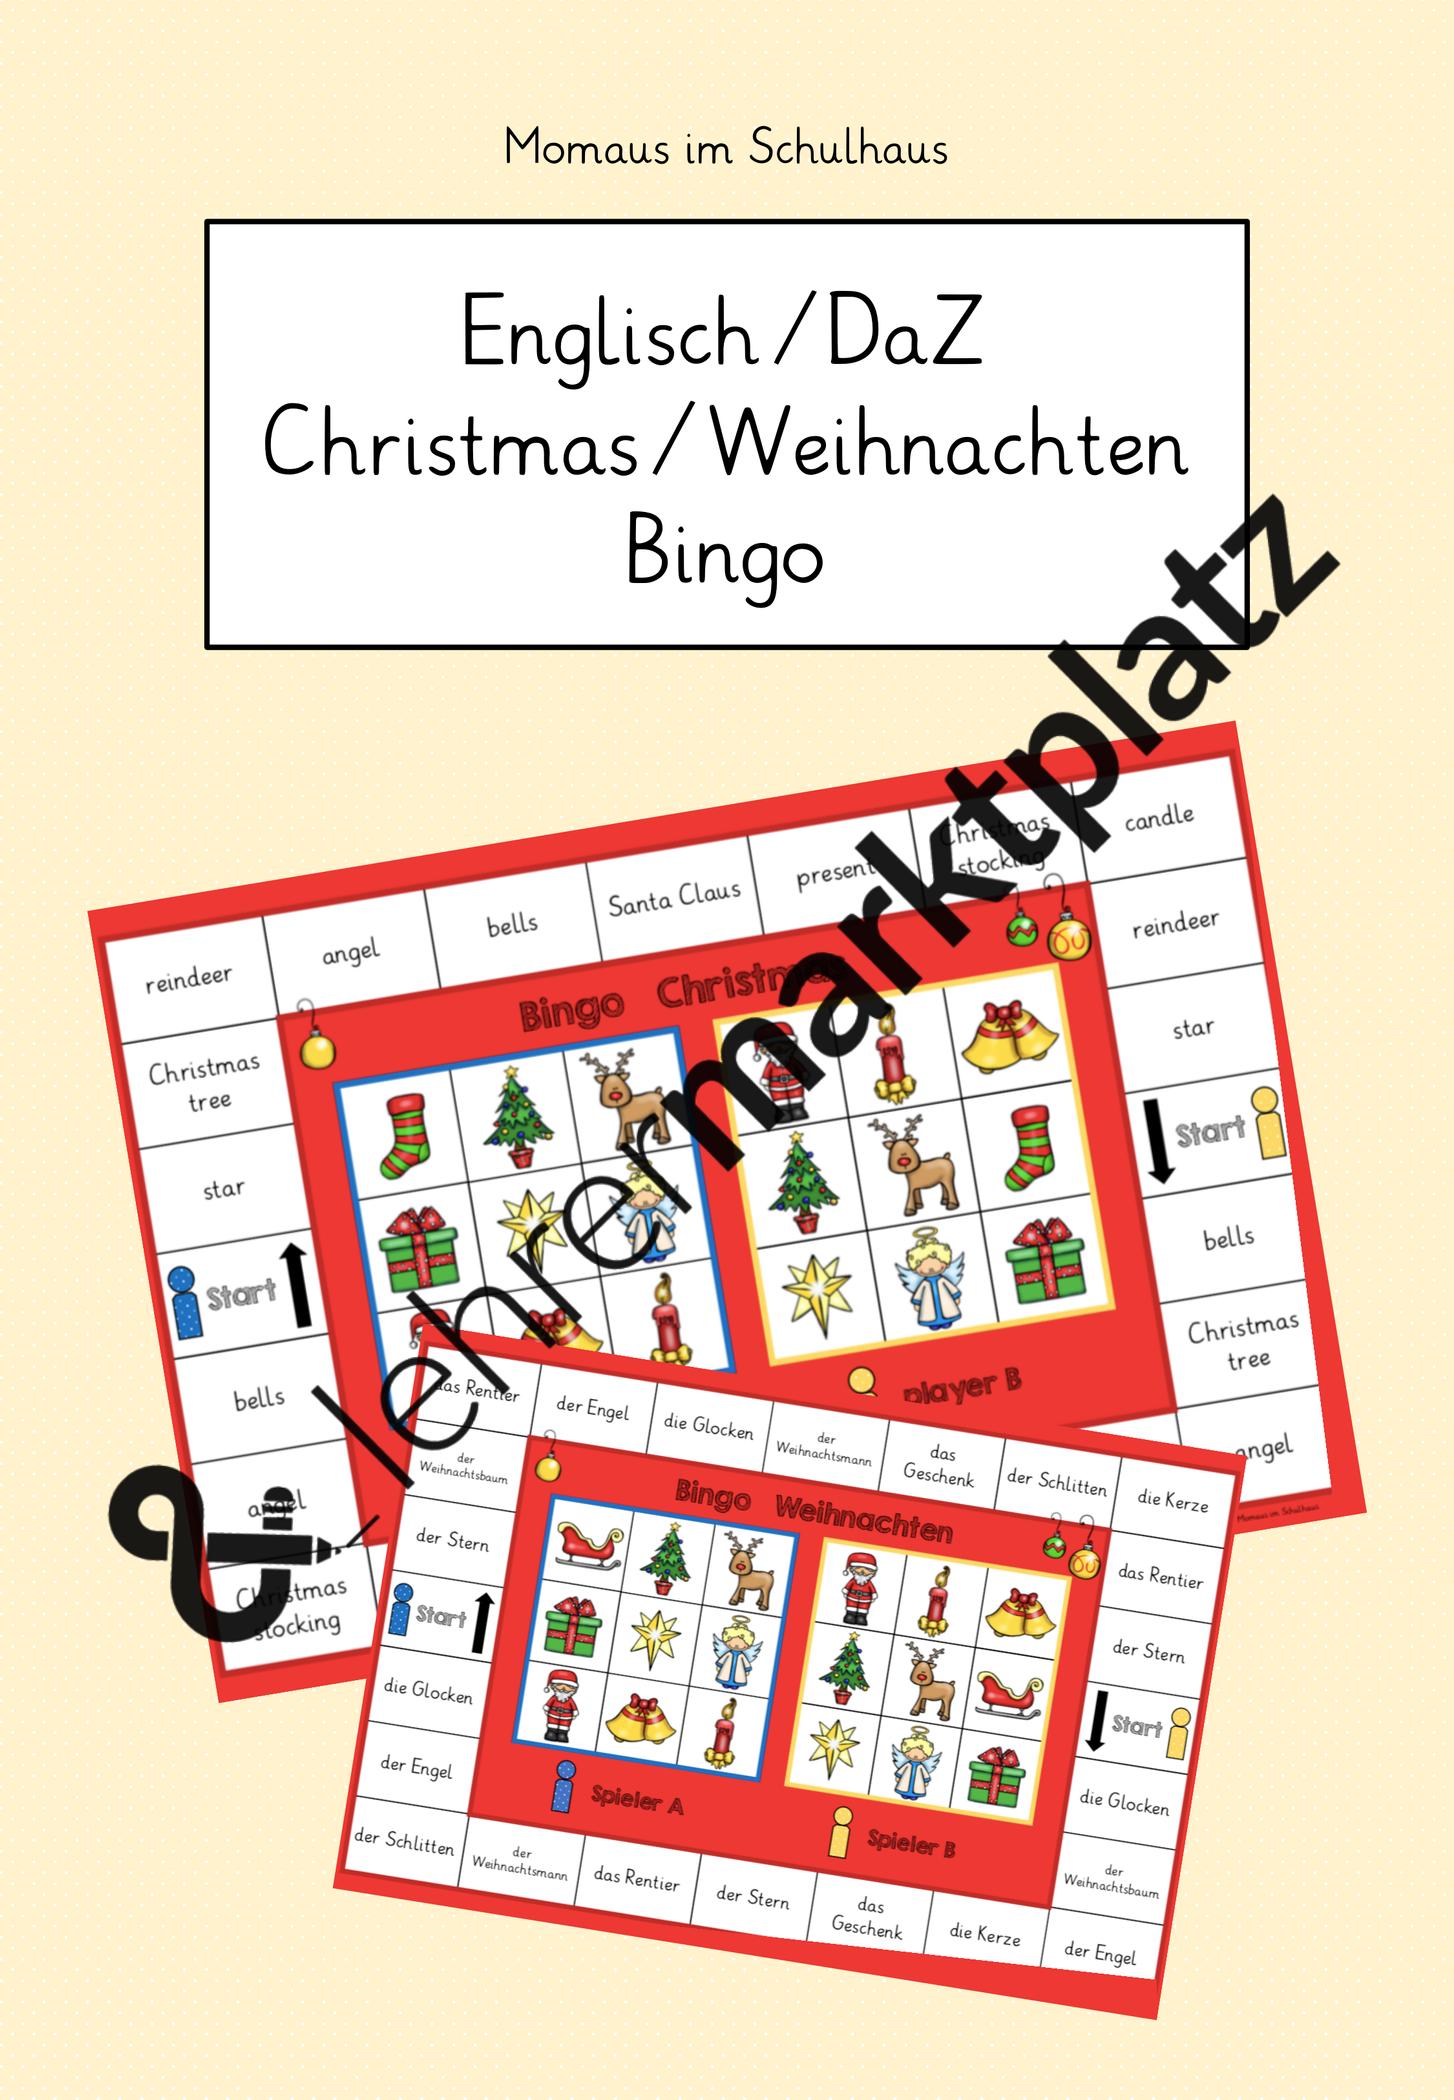 Bingo Christmas Weihnachten Unterrichtsmaterial In Den Fachern Daz Daf Englisch Fachubergreifendes Bingo Weihnachten Spiele Daf